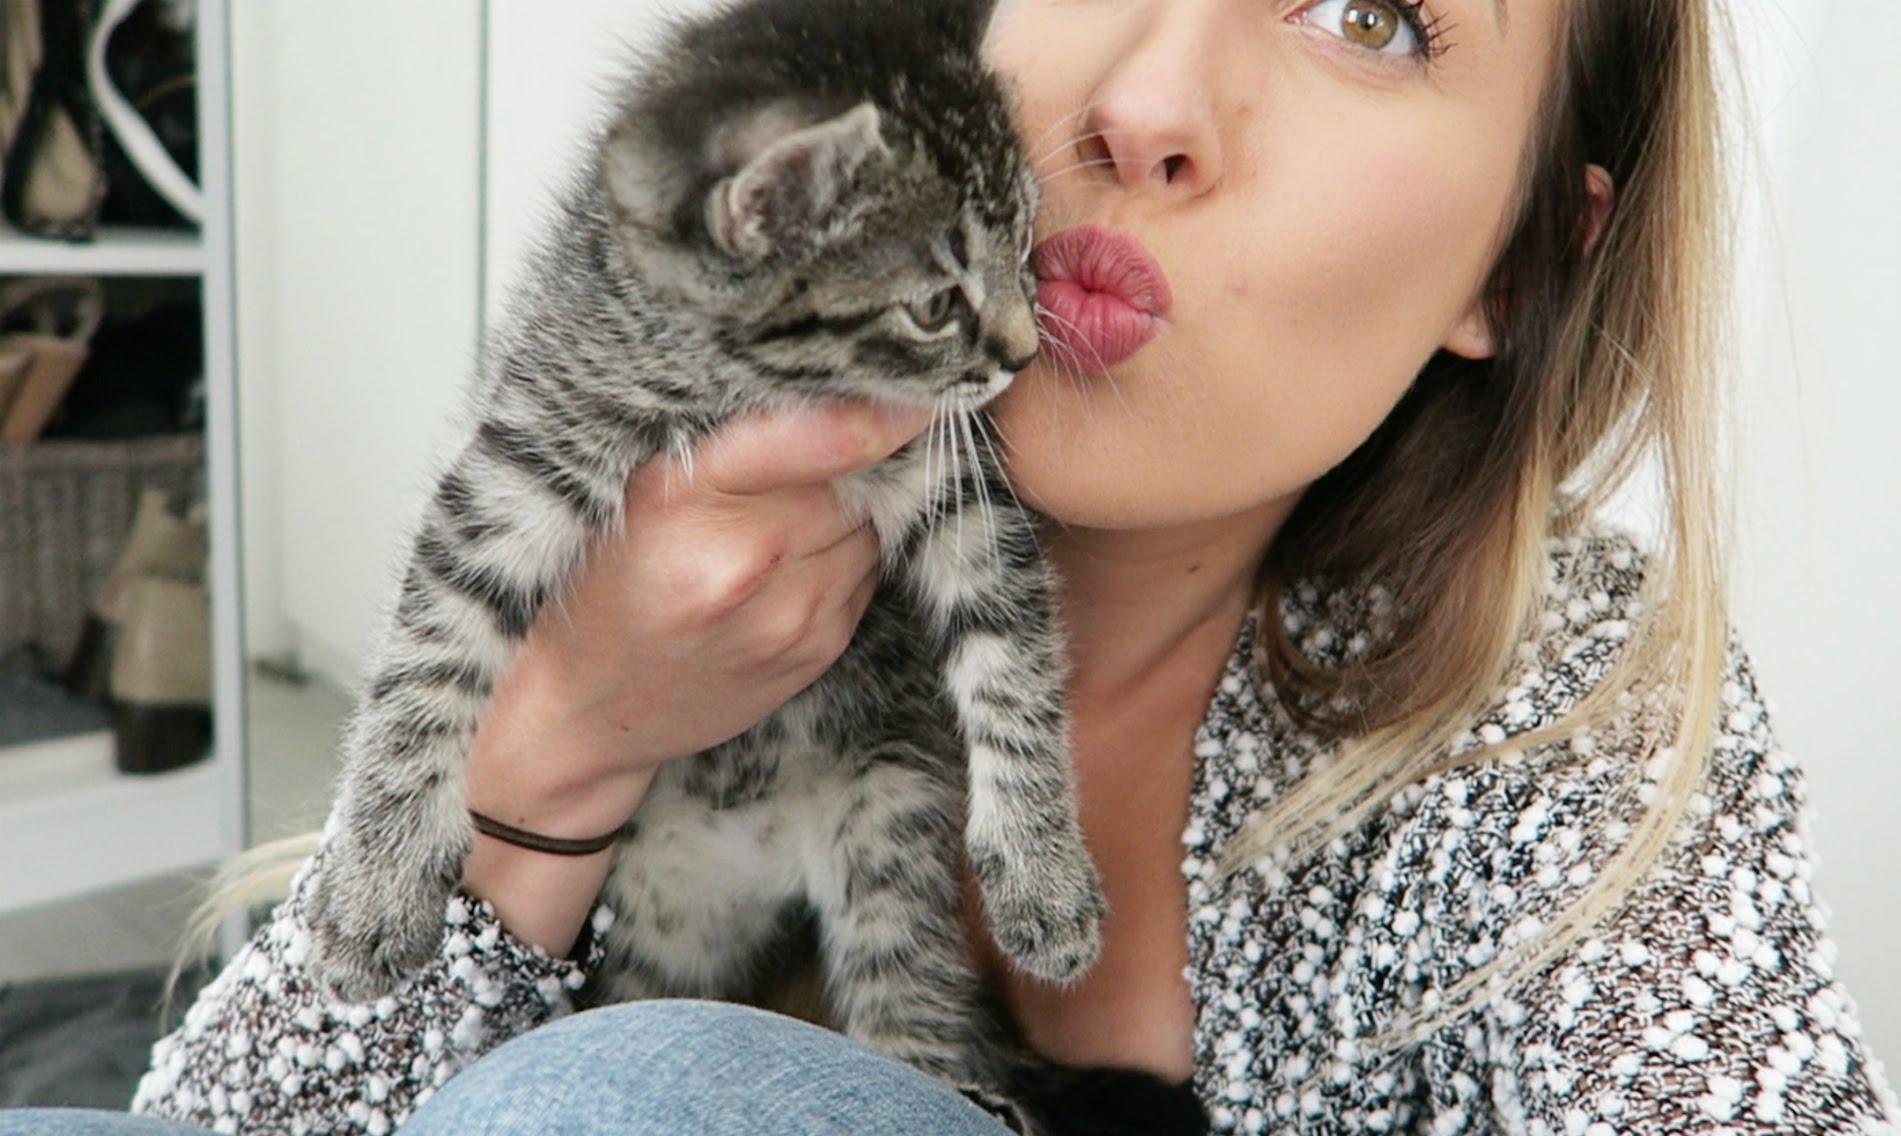 VLOG #88 – BABY KITTEN!